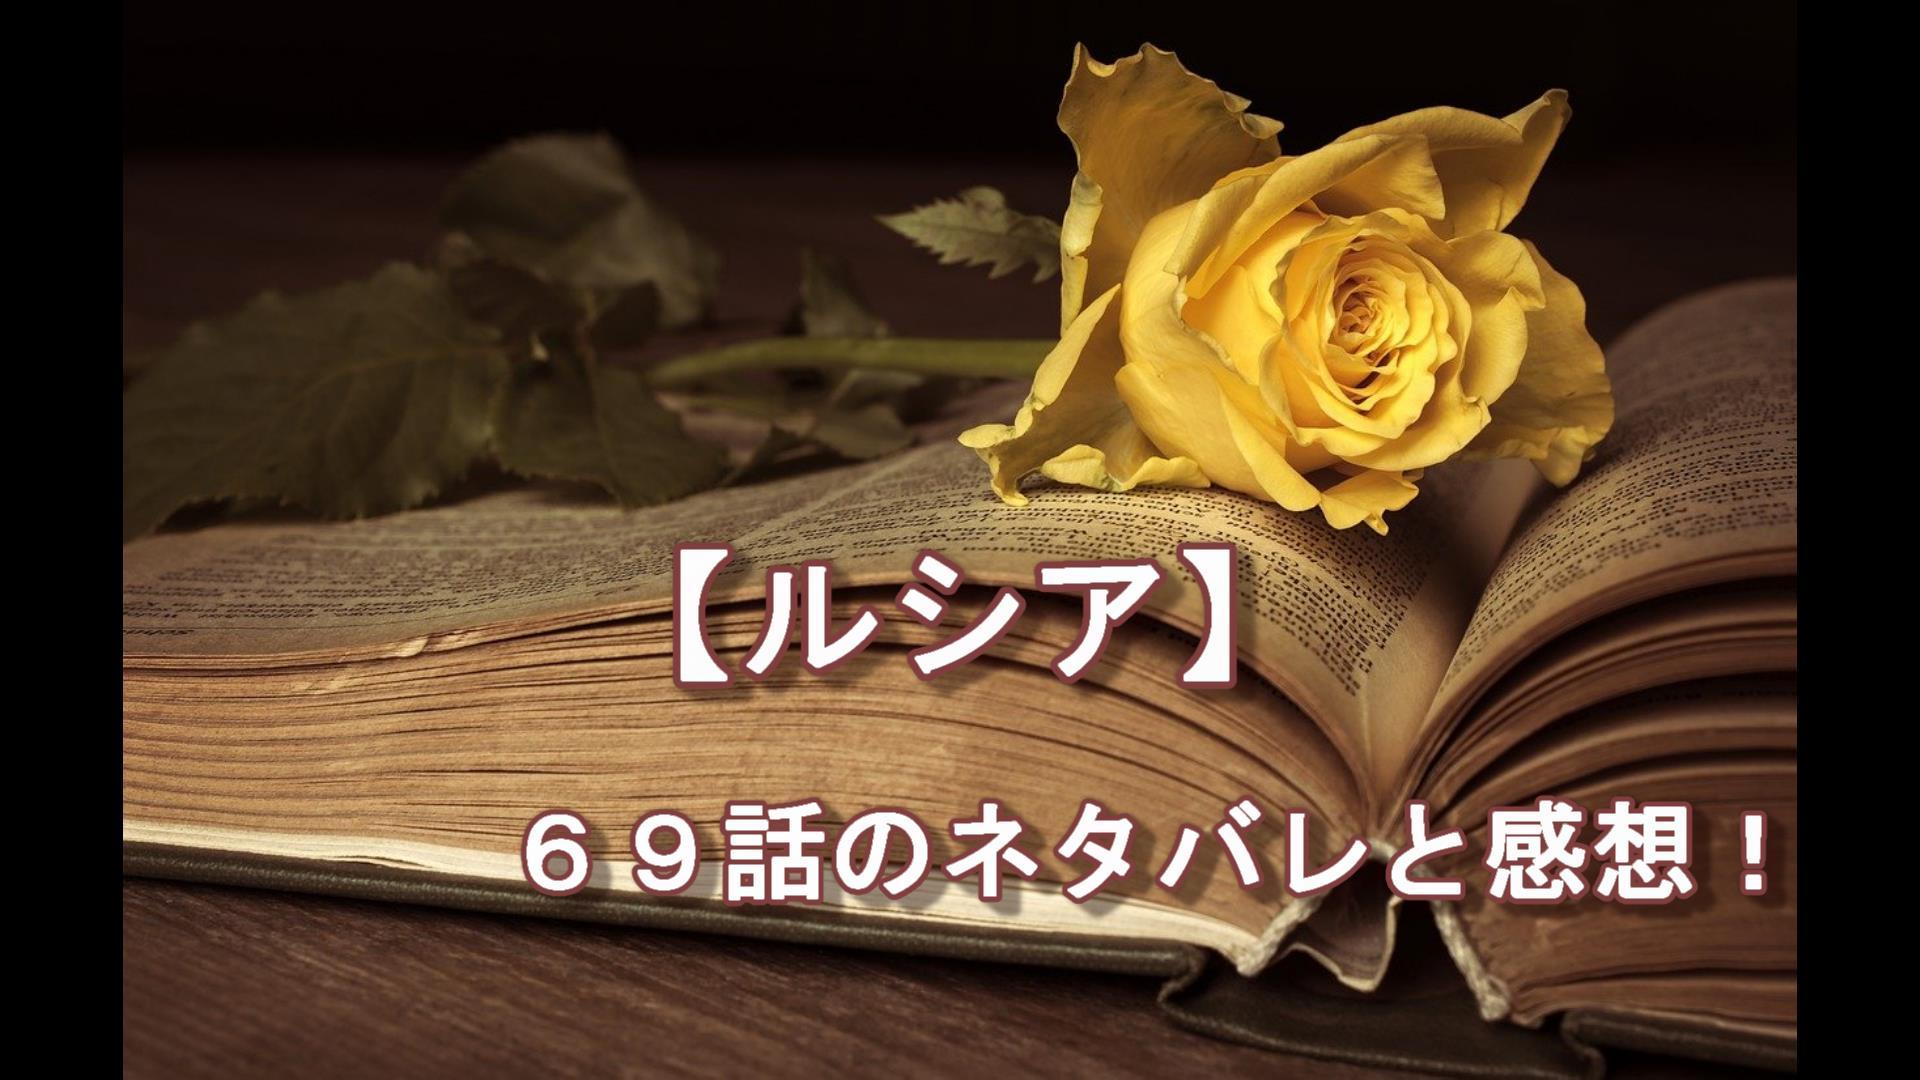 た 妃 皇 られ ネタバレ 68 捨て 漫画「捨てられた皇妃」最新話72話のあらすじと感想!ネタバレ有り